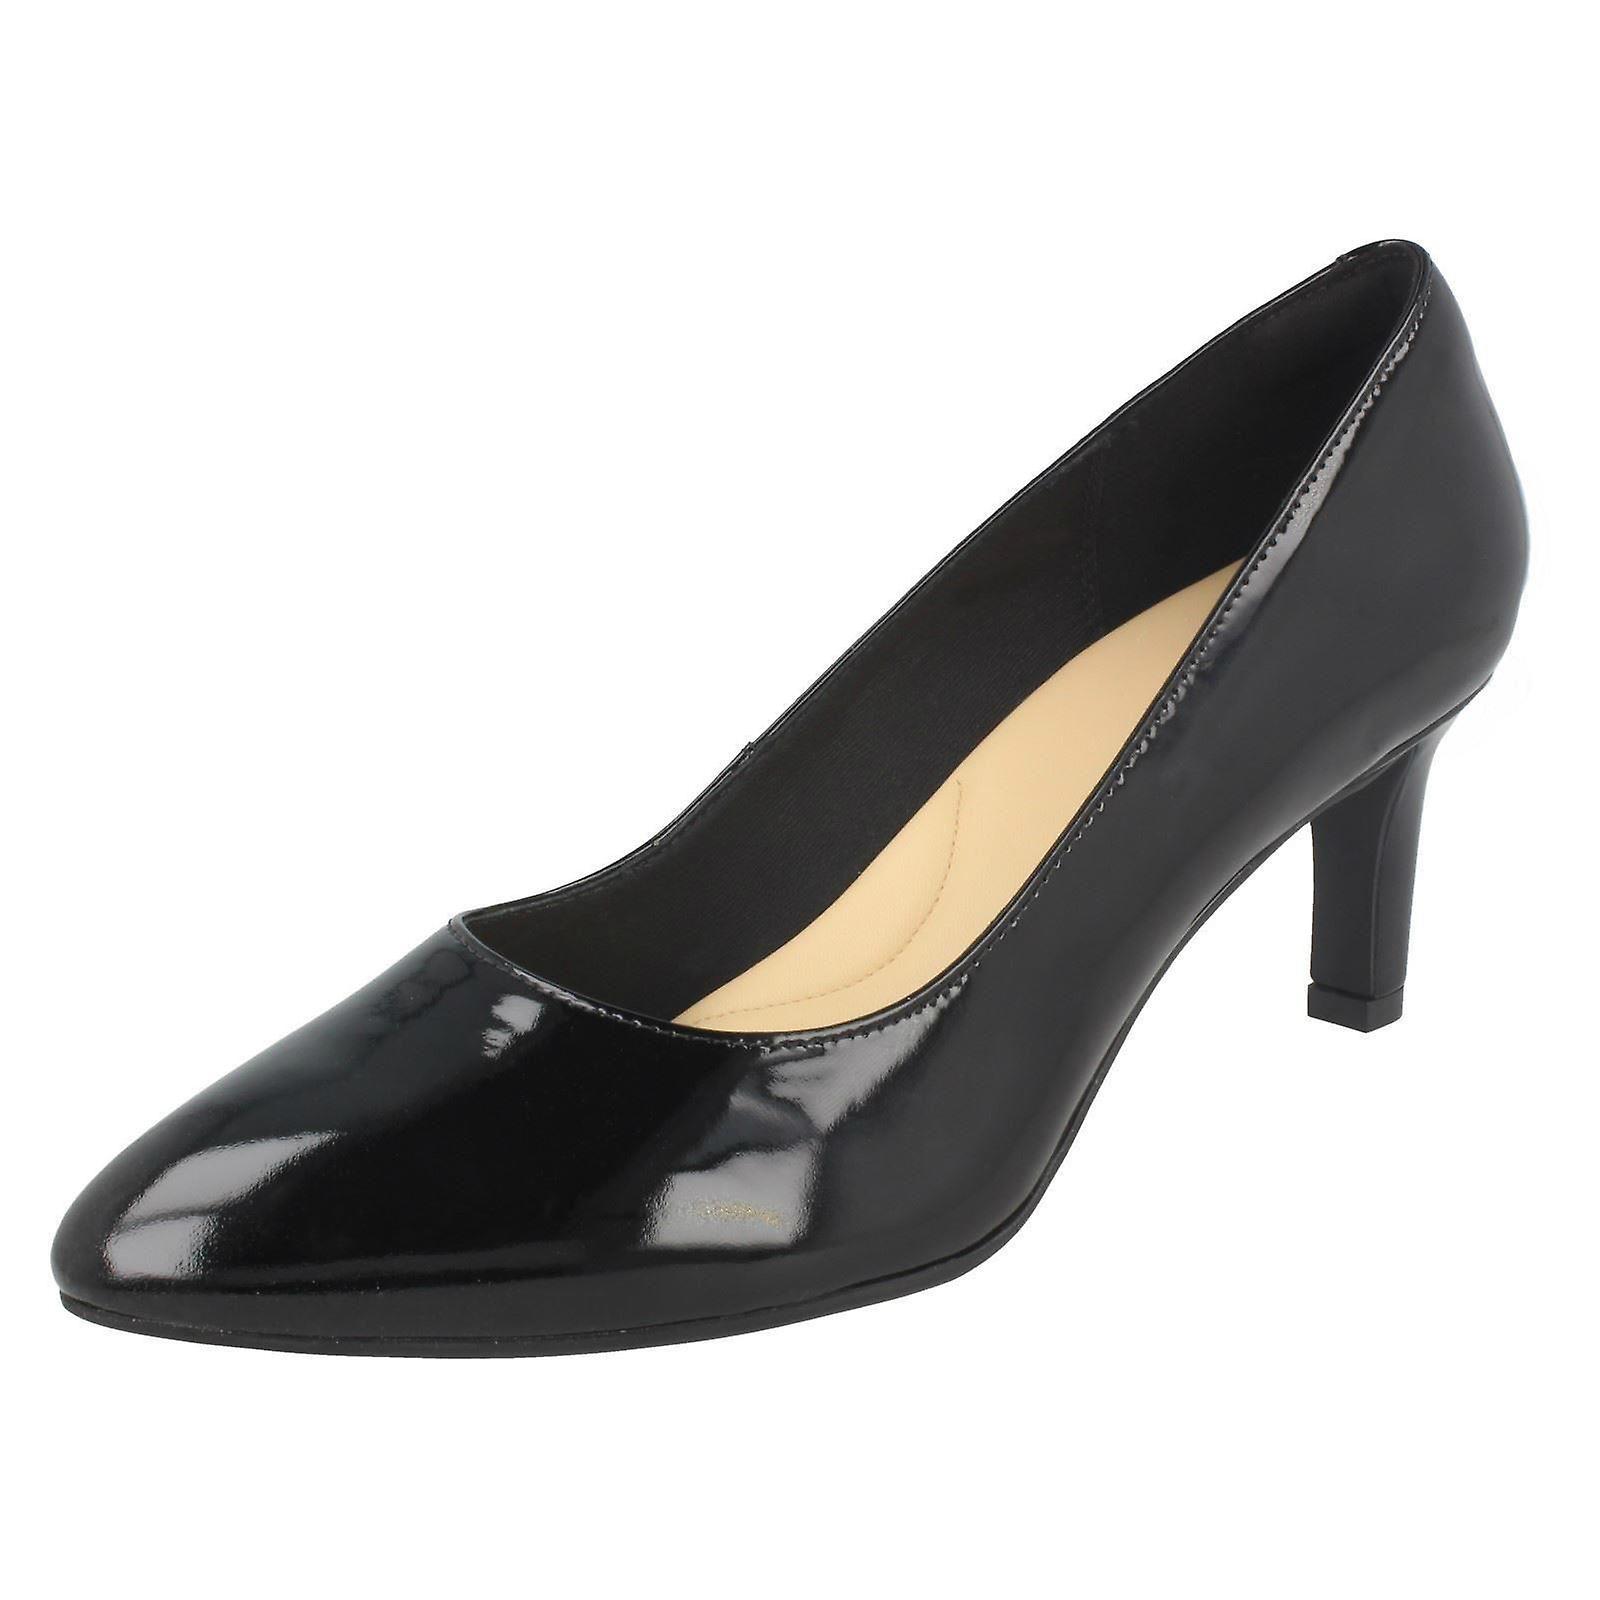 Clarks damskie teksturowanej sąd buty Róża Calla - Patent czarny - rozmiar UK 5.5D - UE rozmiar 39 - USA rozmiar 8M Tgqjt